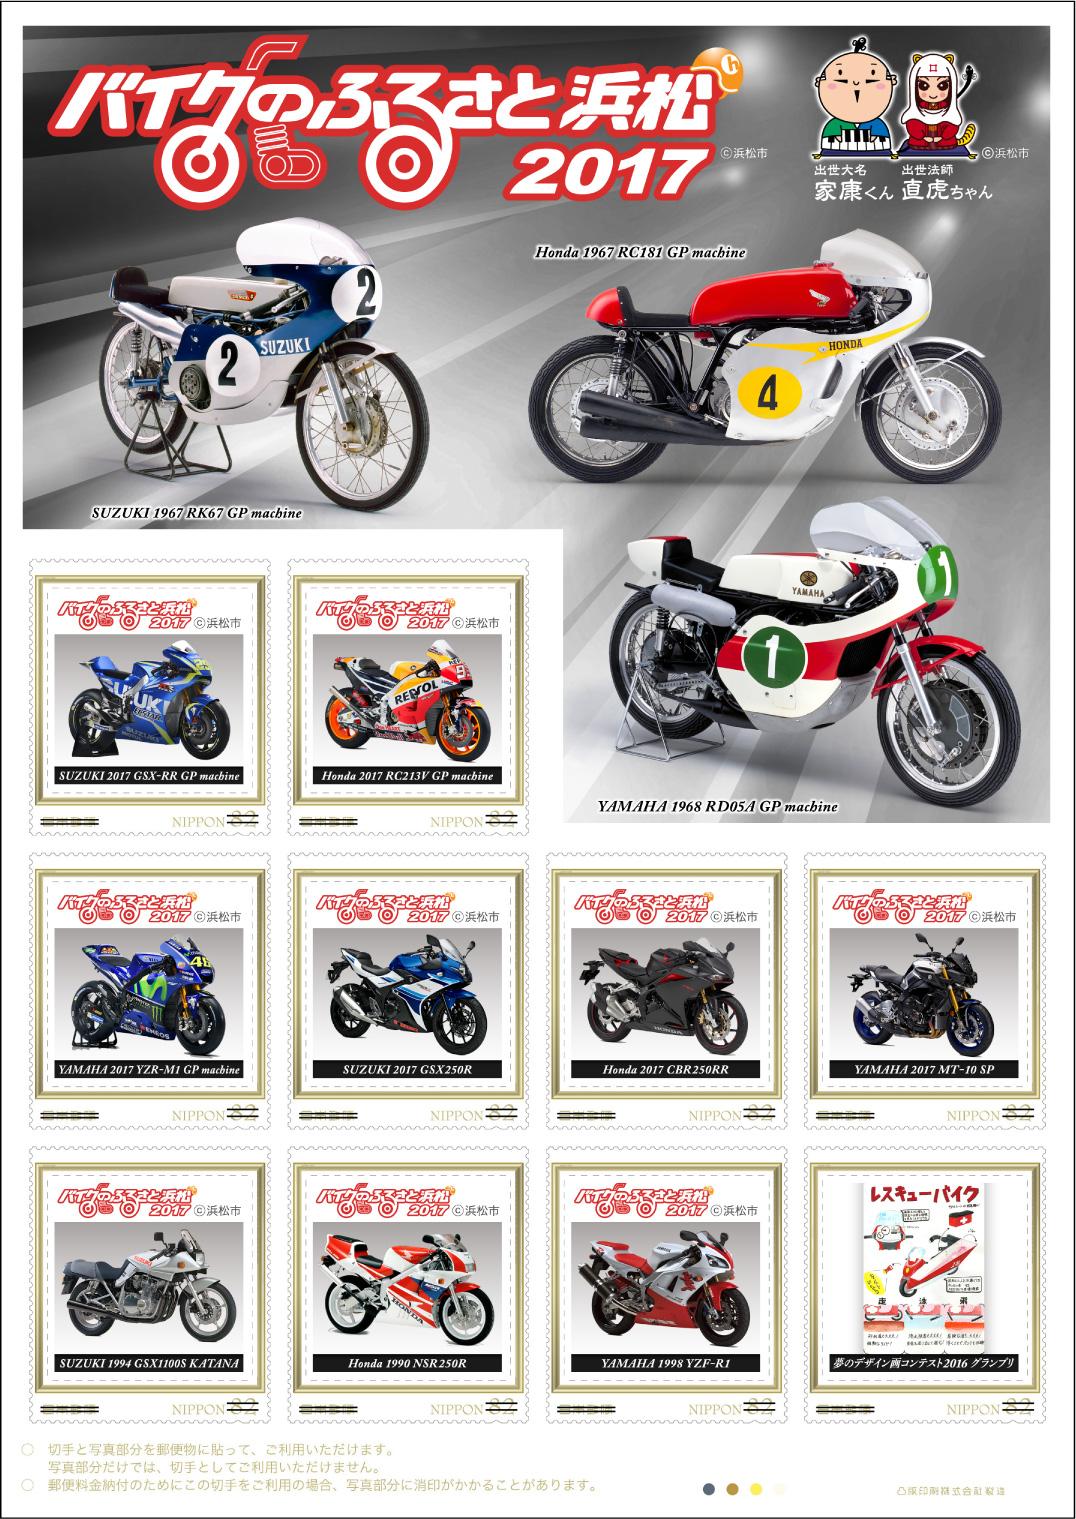 オリジナル フレーム切手「バイクのふるさと浜松2017」の販売開始